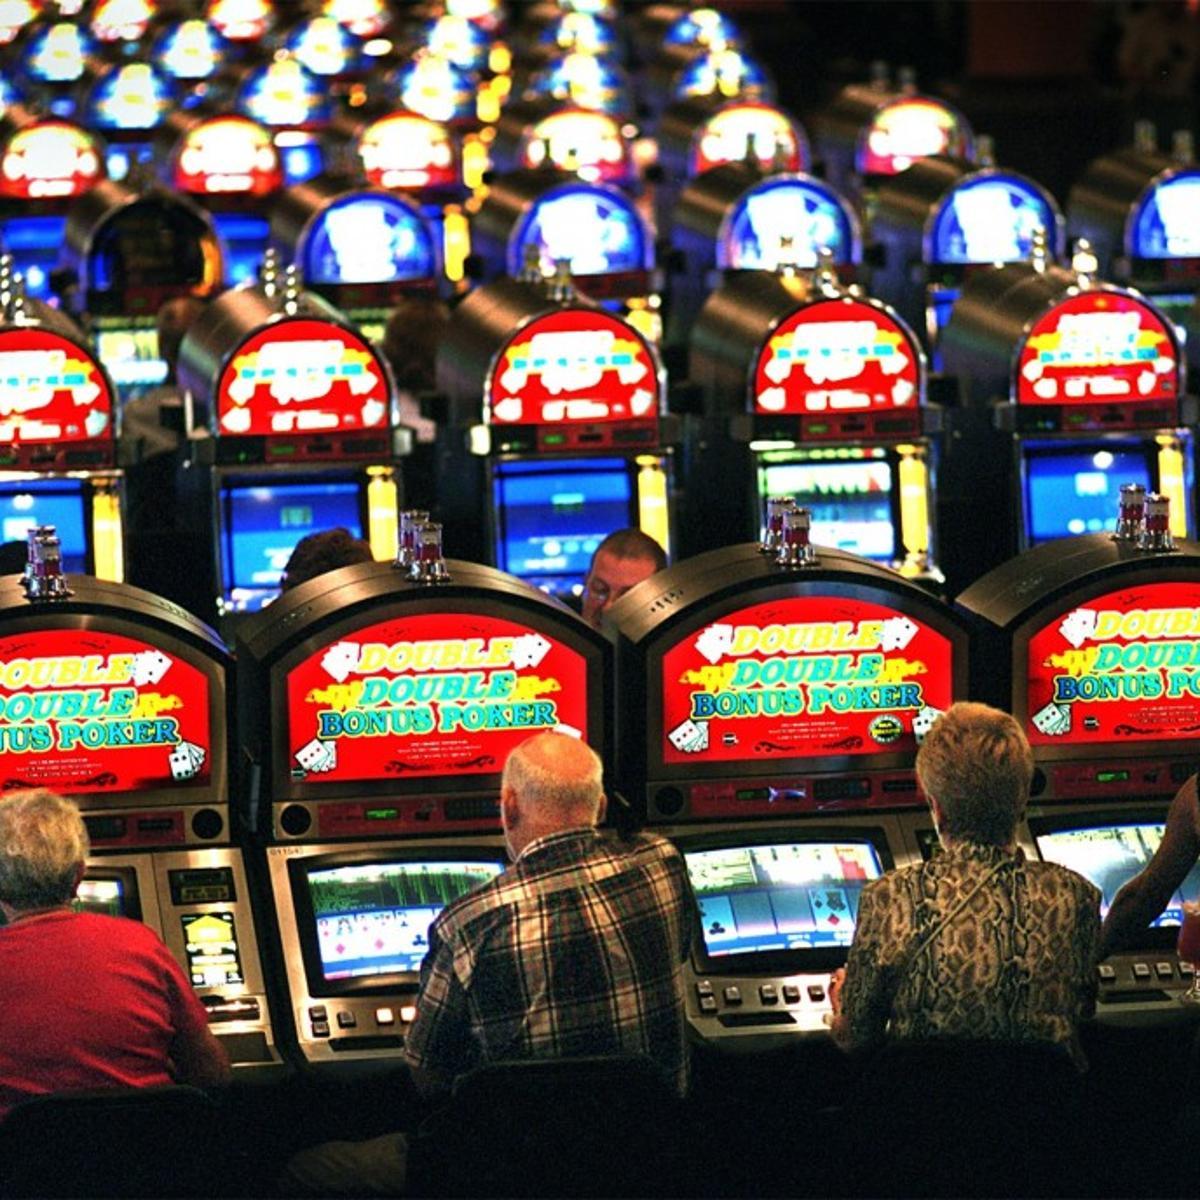 Casino hansville wa